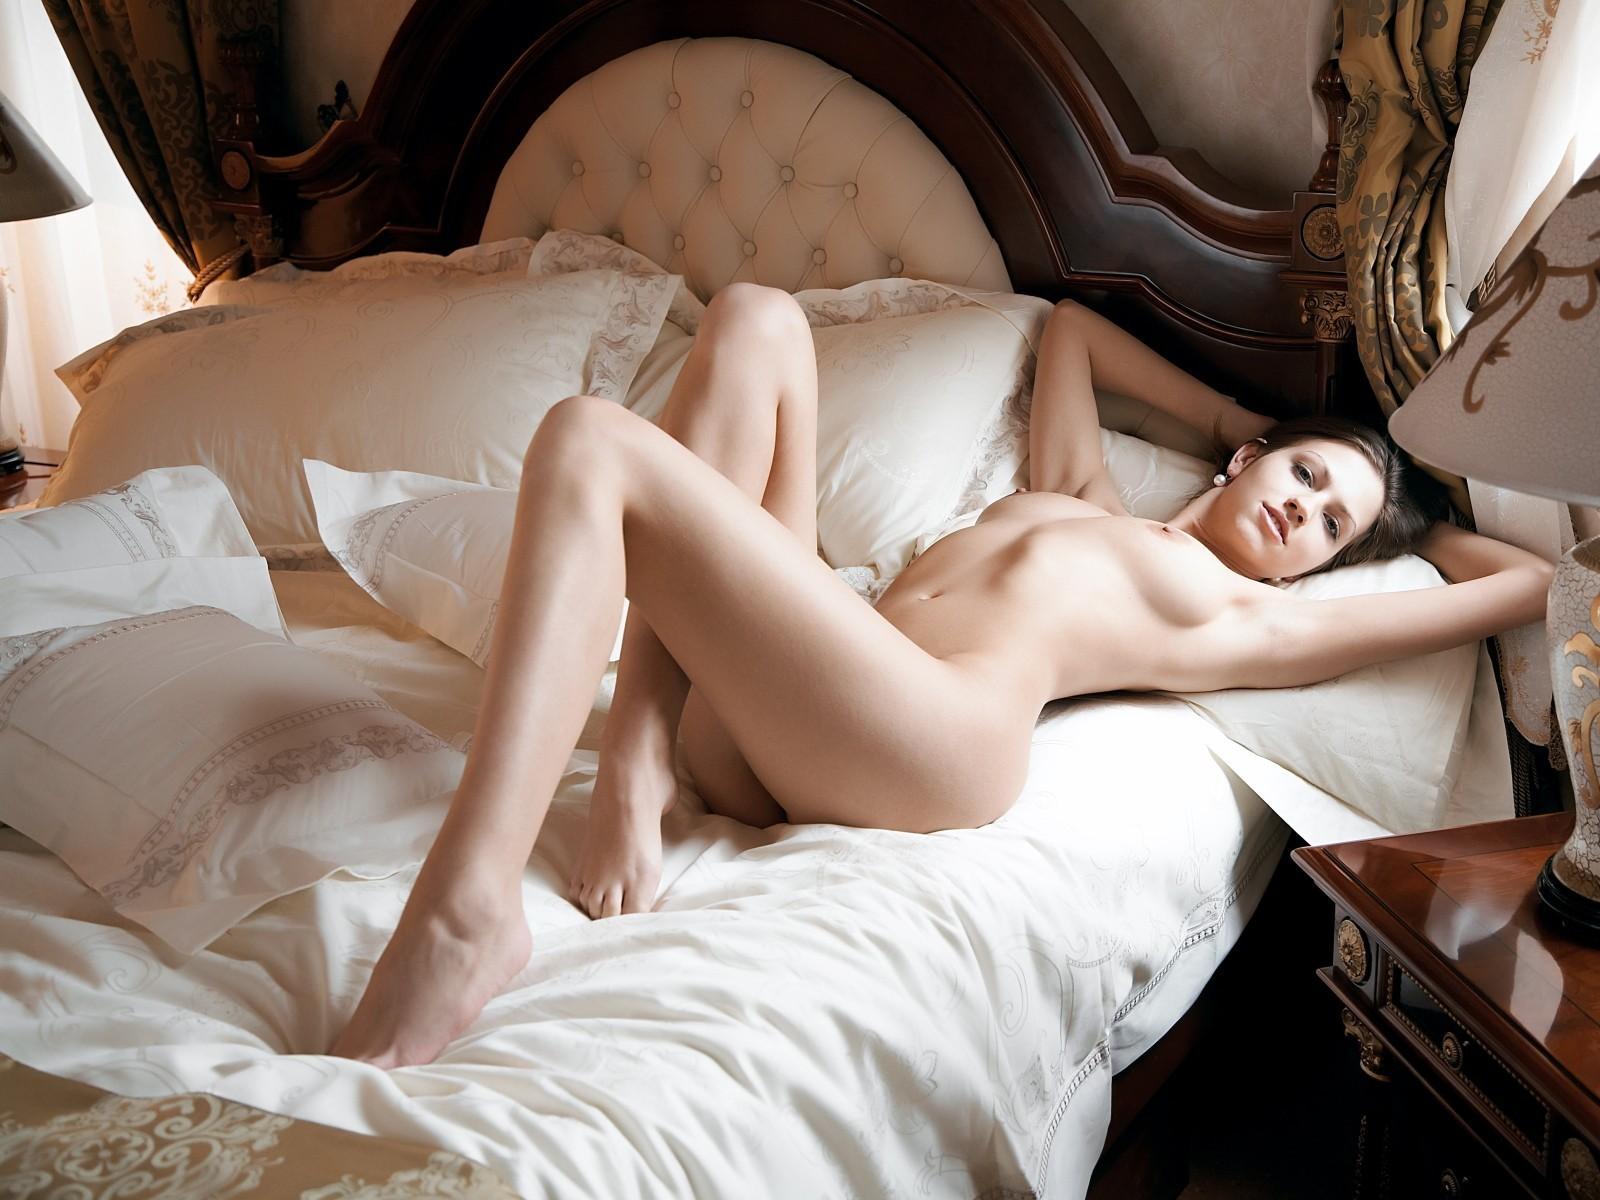 обнаженная девушка на постели фото произнесение